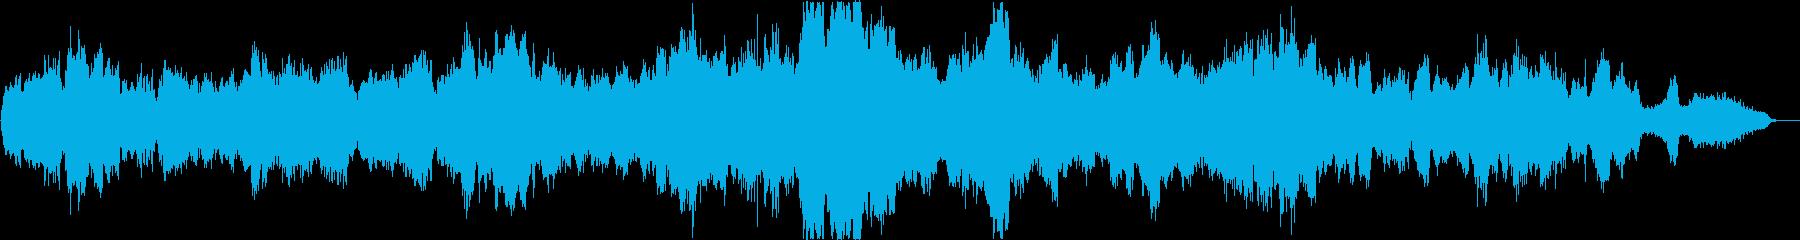 バッハ平均律クラヴィーア曲集_カルテットの再生済みの波形